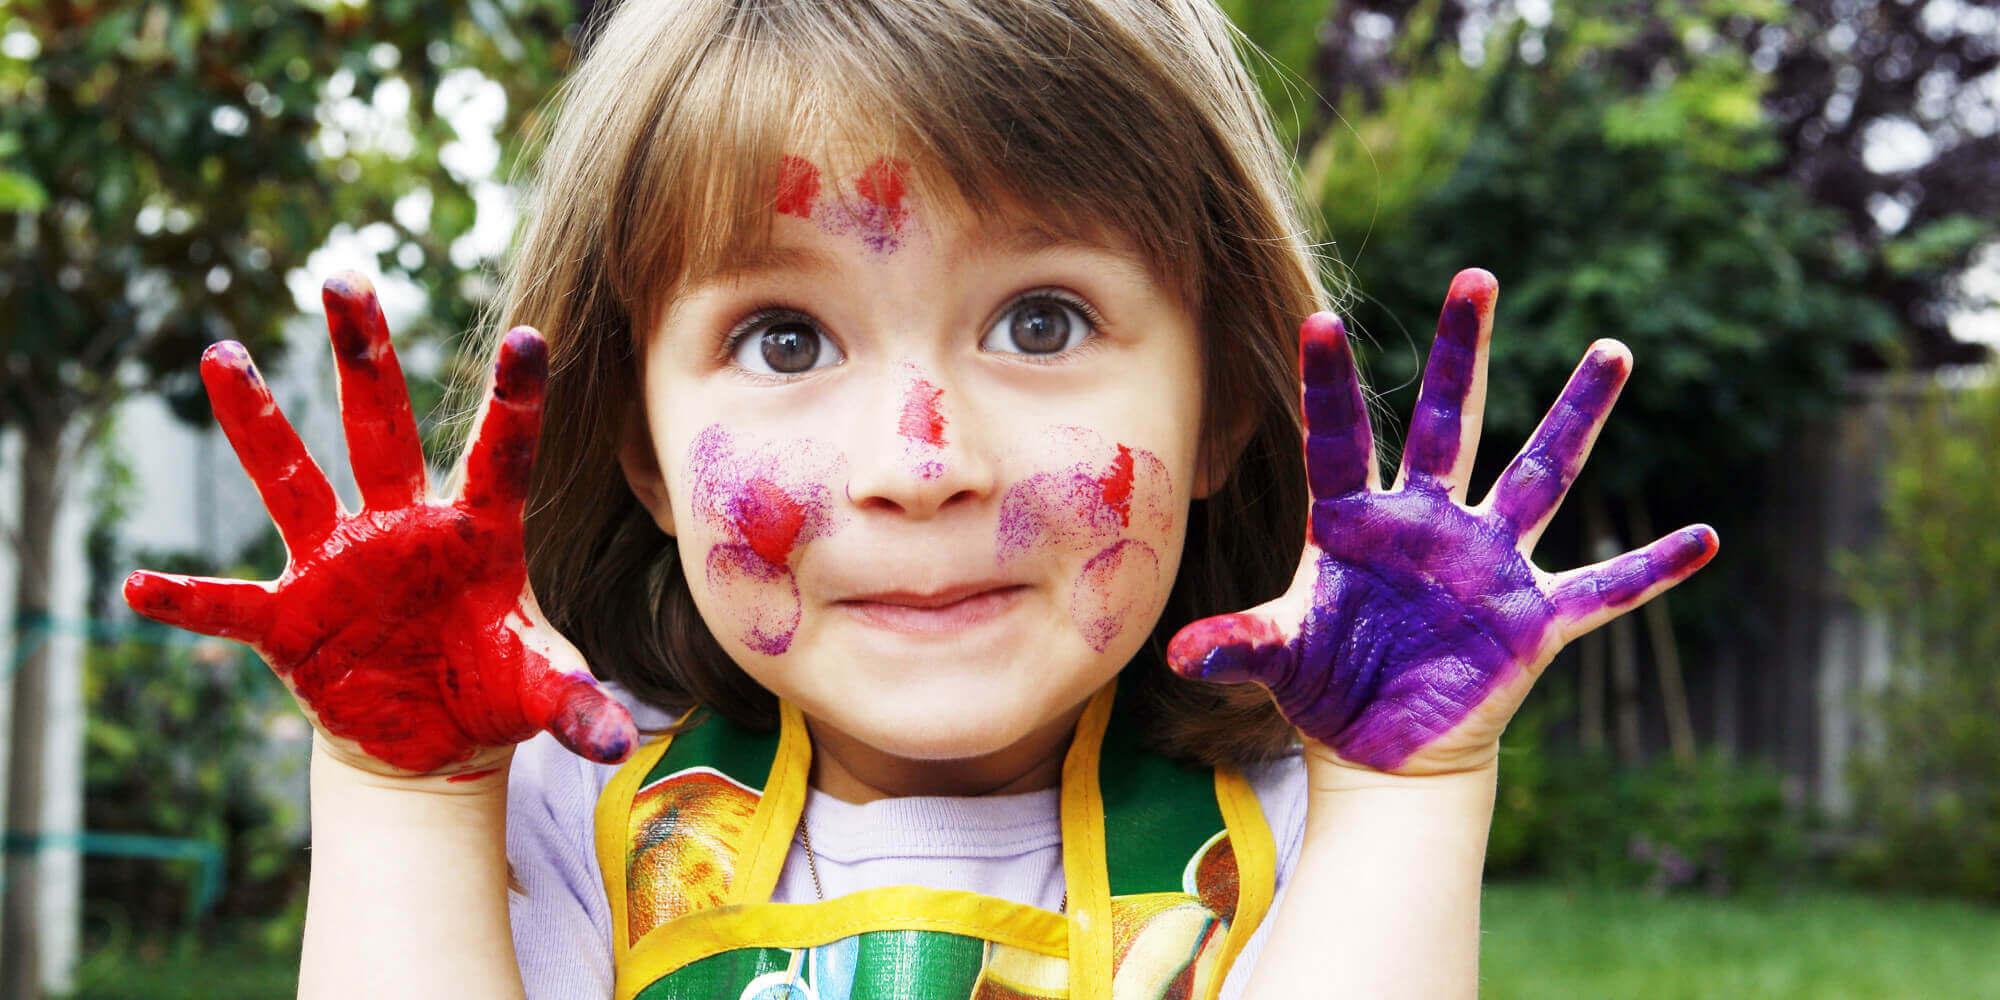 Niña soportando el aburrimiento desarrollando su creatividad pintando con las manos.